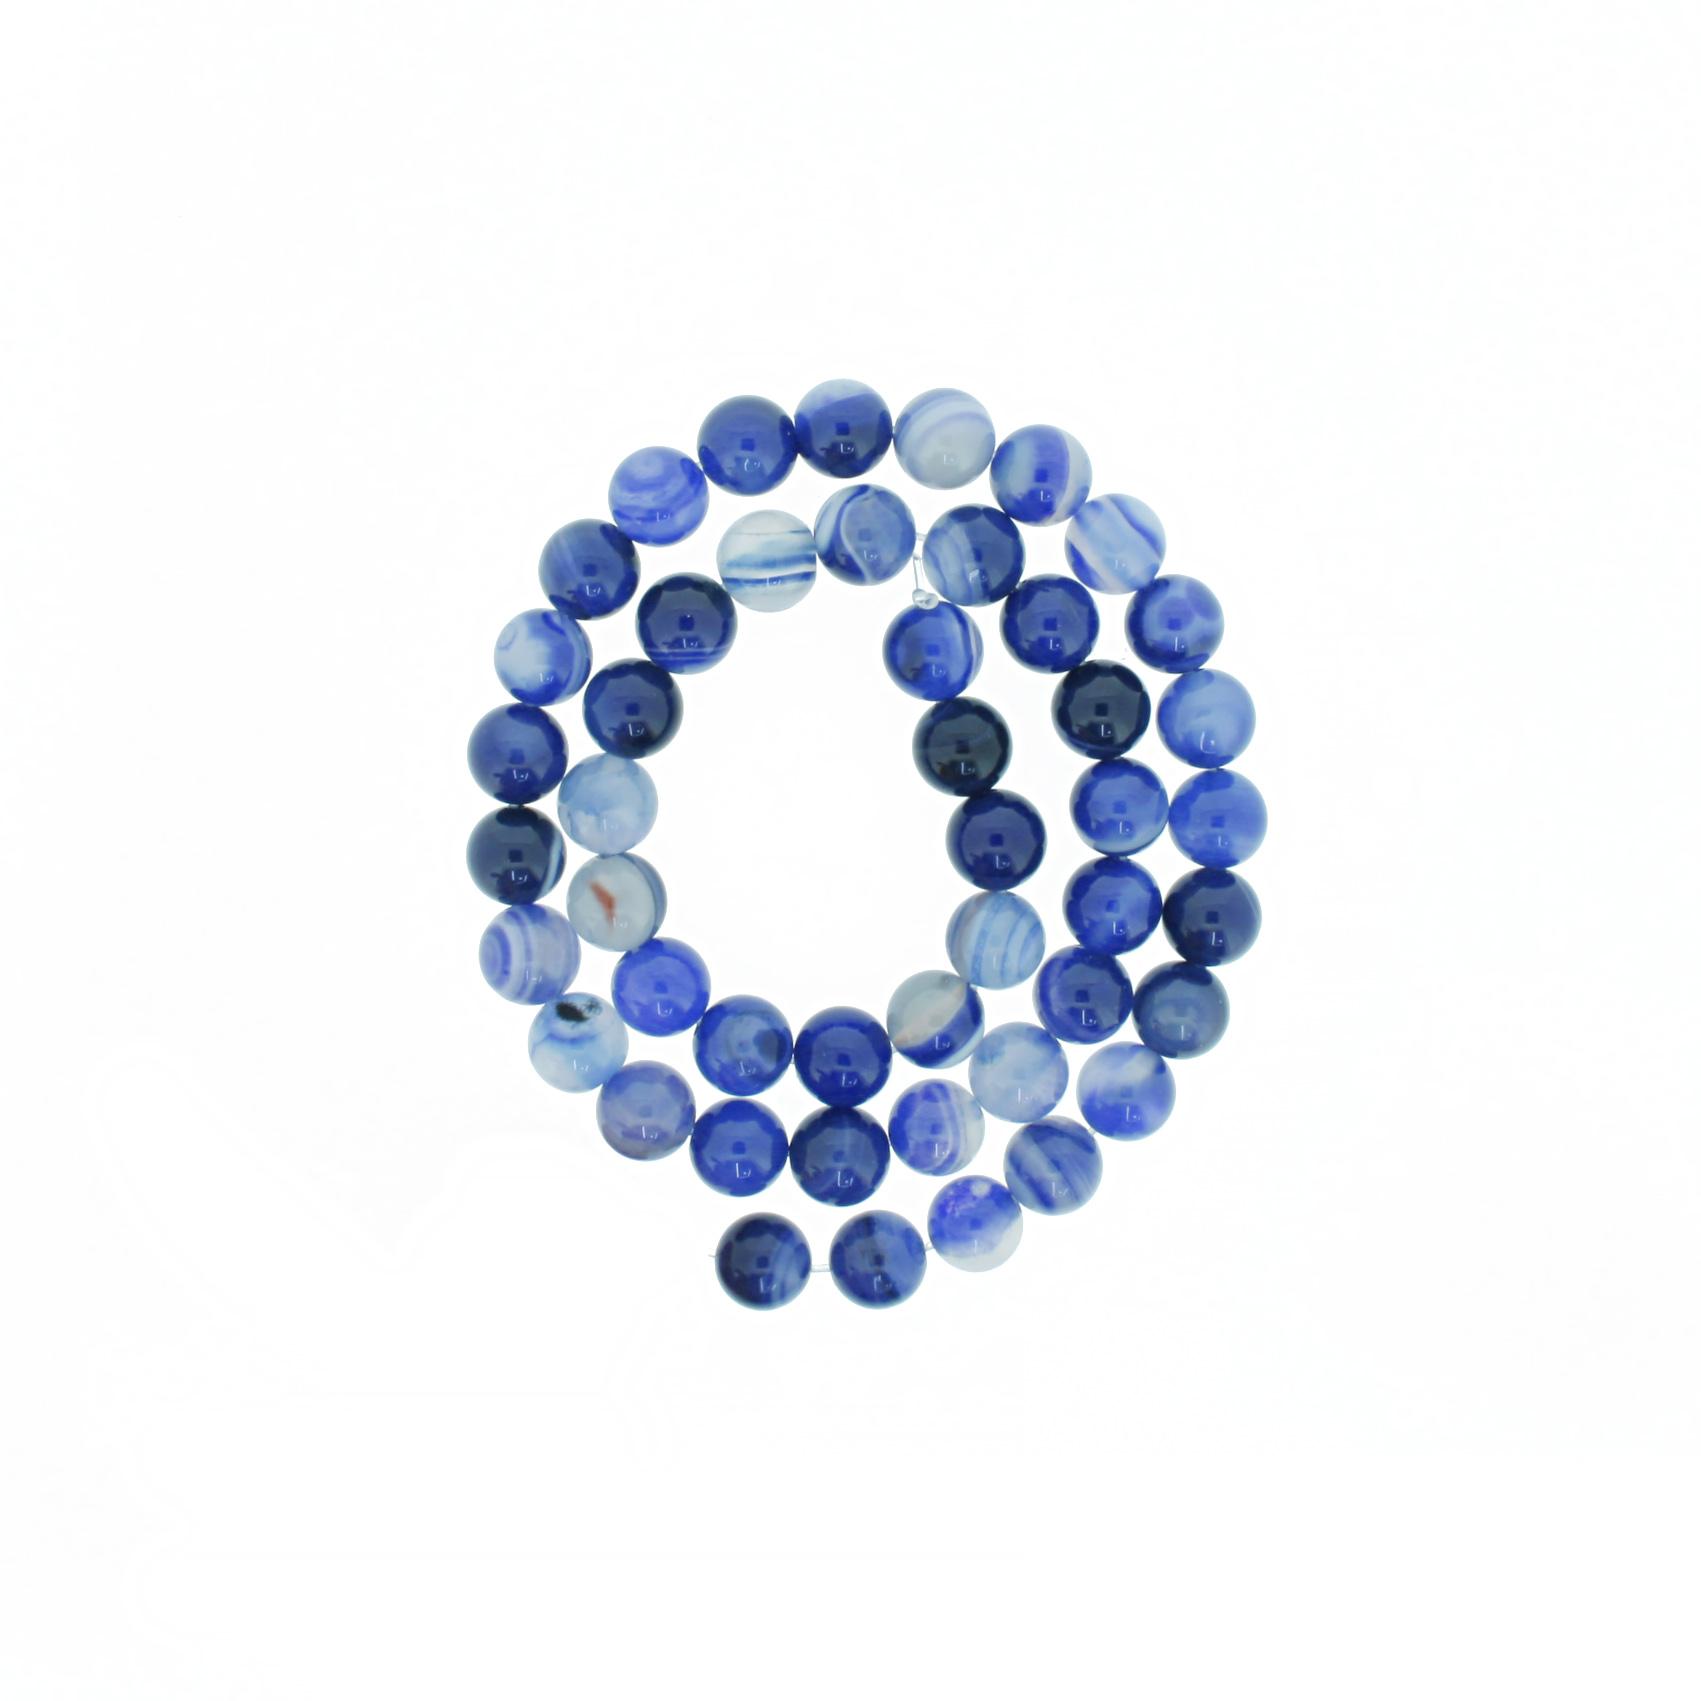 Fio de Pedra - Pietra® - Ágata Azul - 8mm  - Universo Religioso® - Artigos de Umbanda e Candomblé